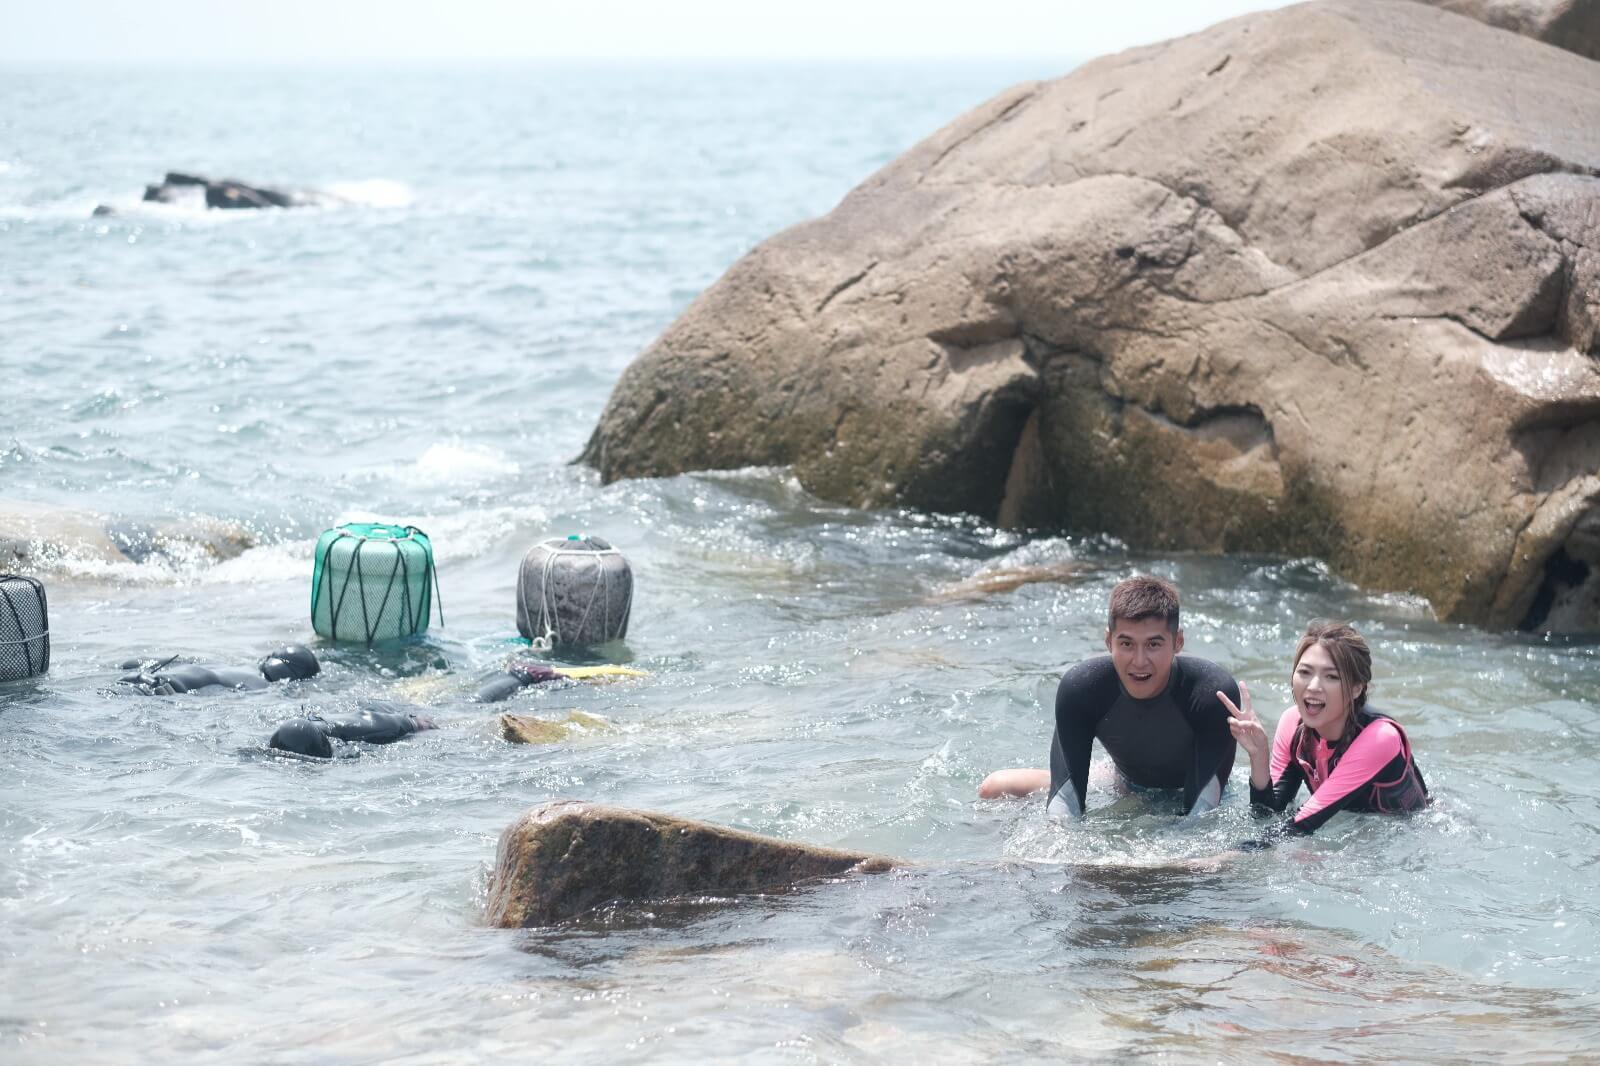 二人出海時未能下水,之後就想在石灘游出去,但原來同樣困難,因為只要游出少少,就有浪將他們打回岸邊。